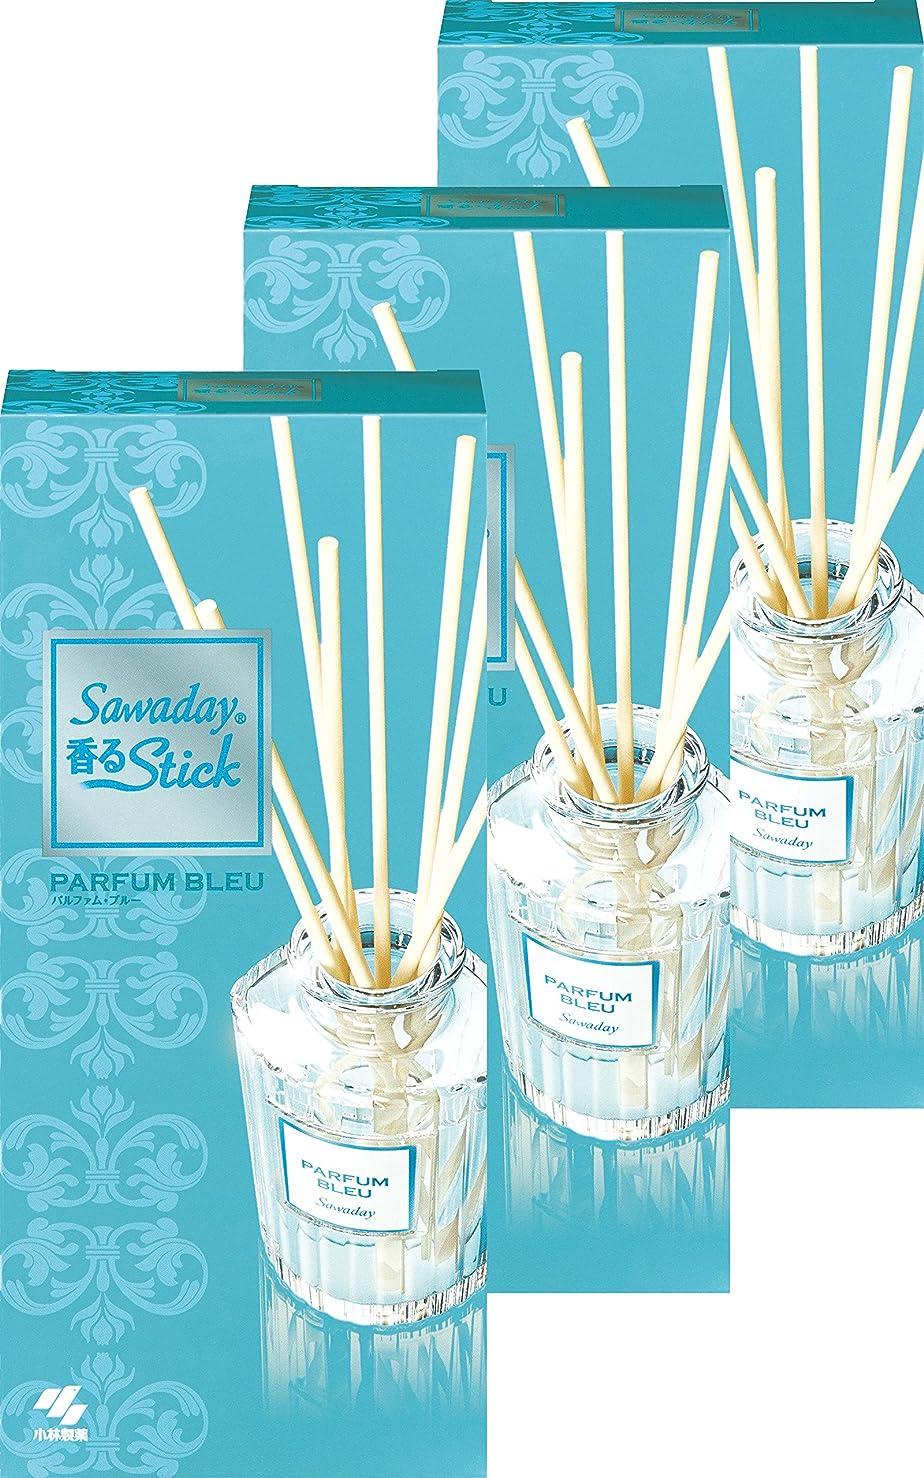 請負業者絡み合い食物【まとめ買い】サワデー香るスティック 消臭芳香剤 本体 パルファムブルー 70ml×3個